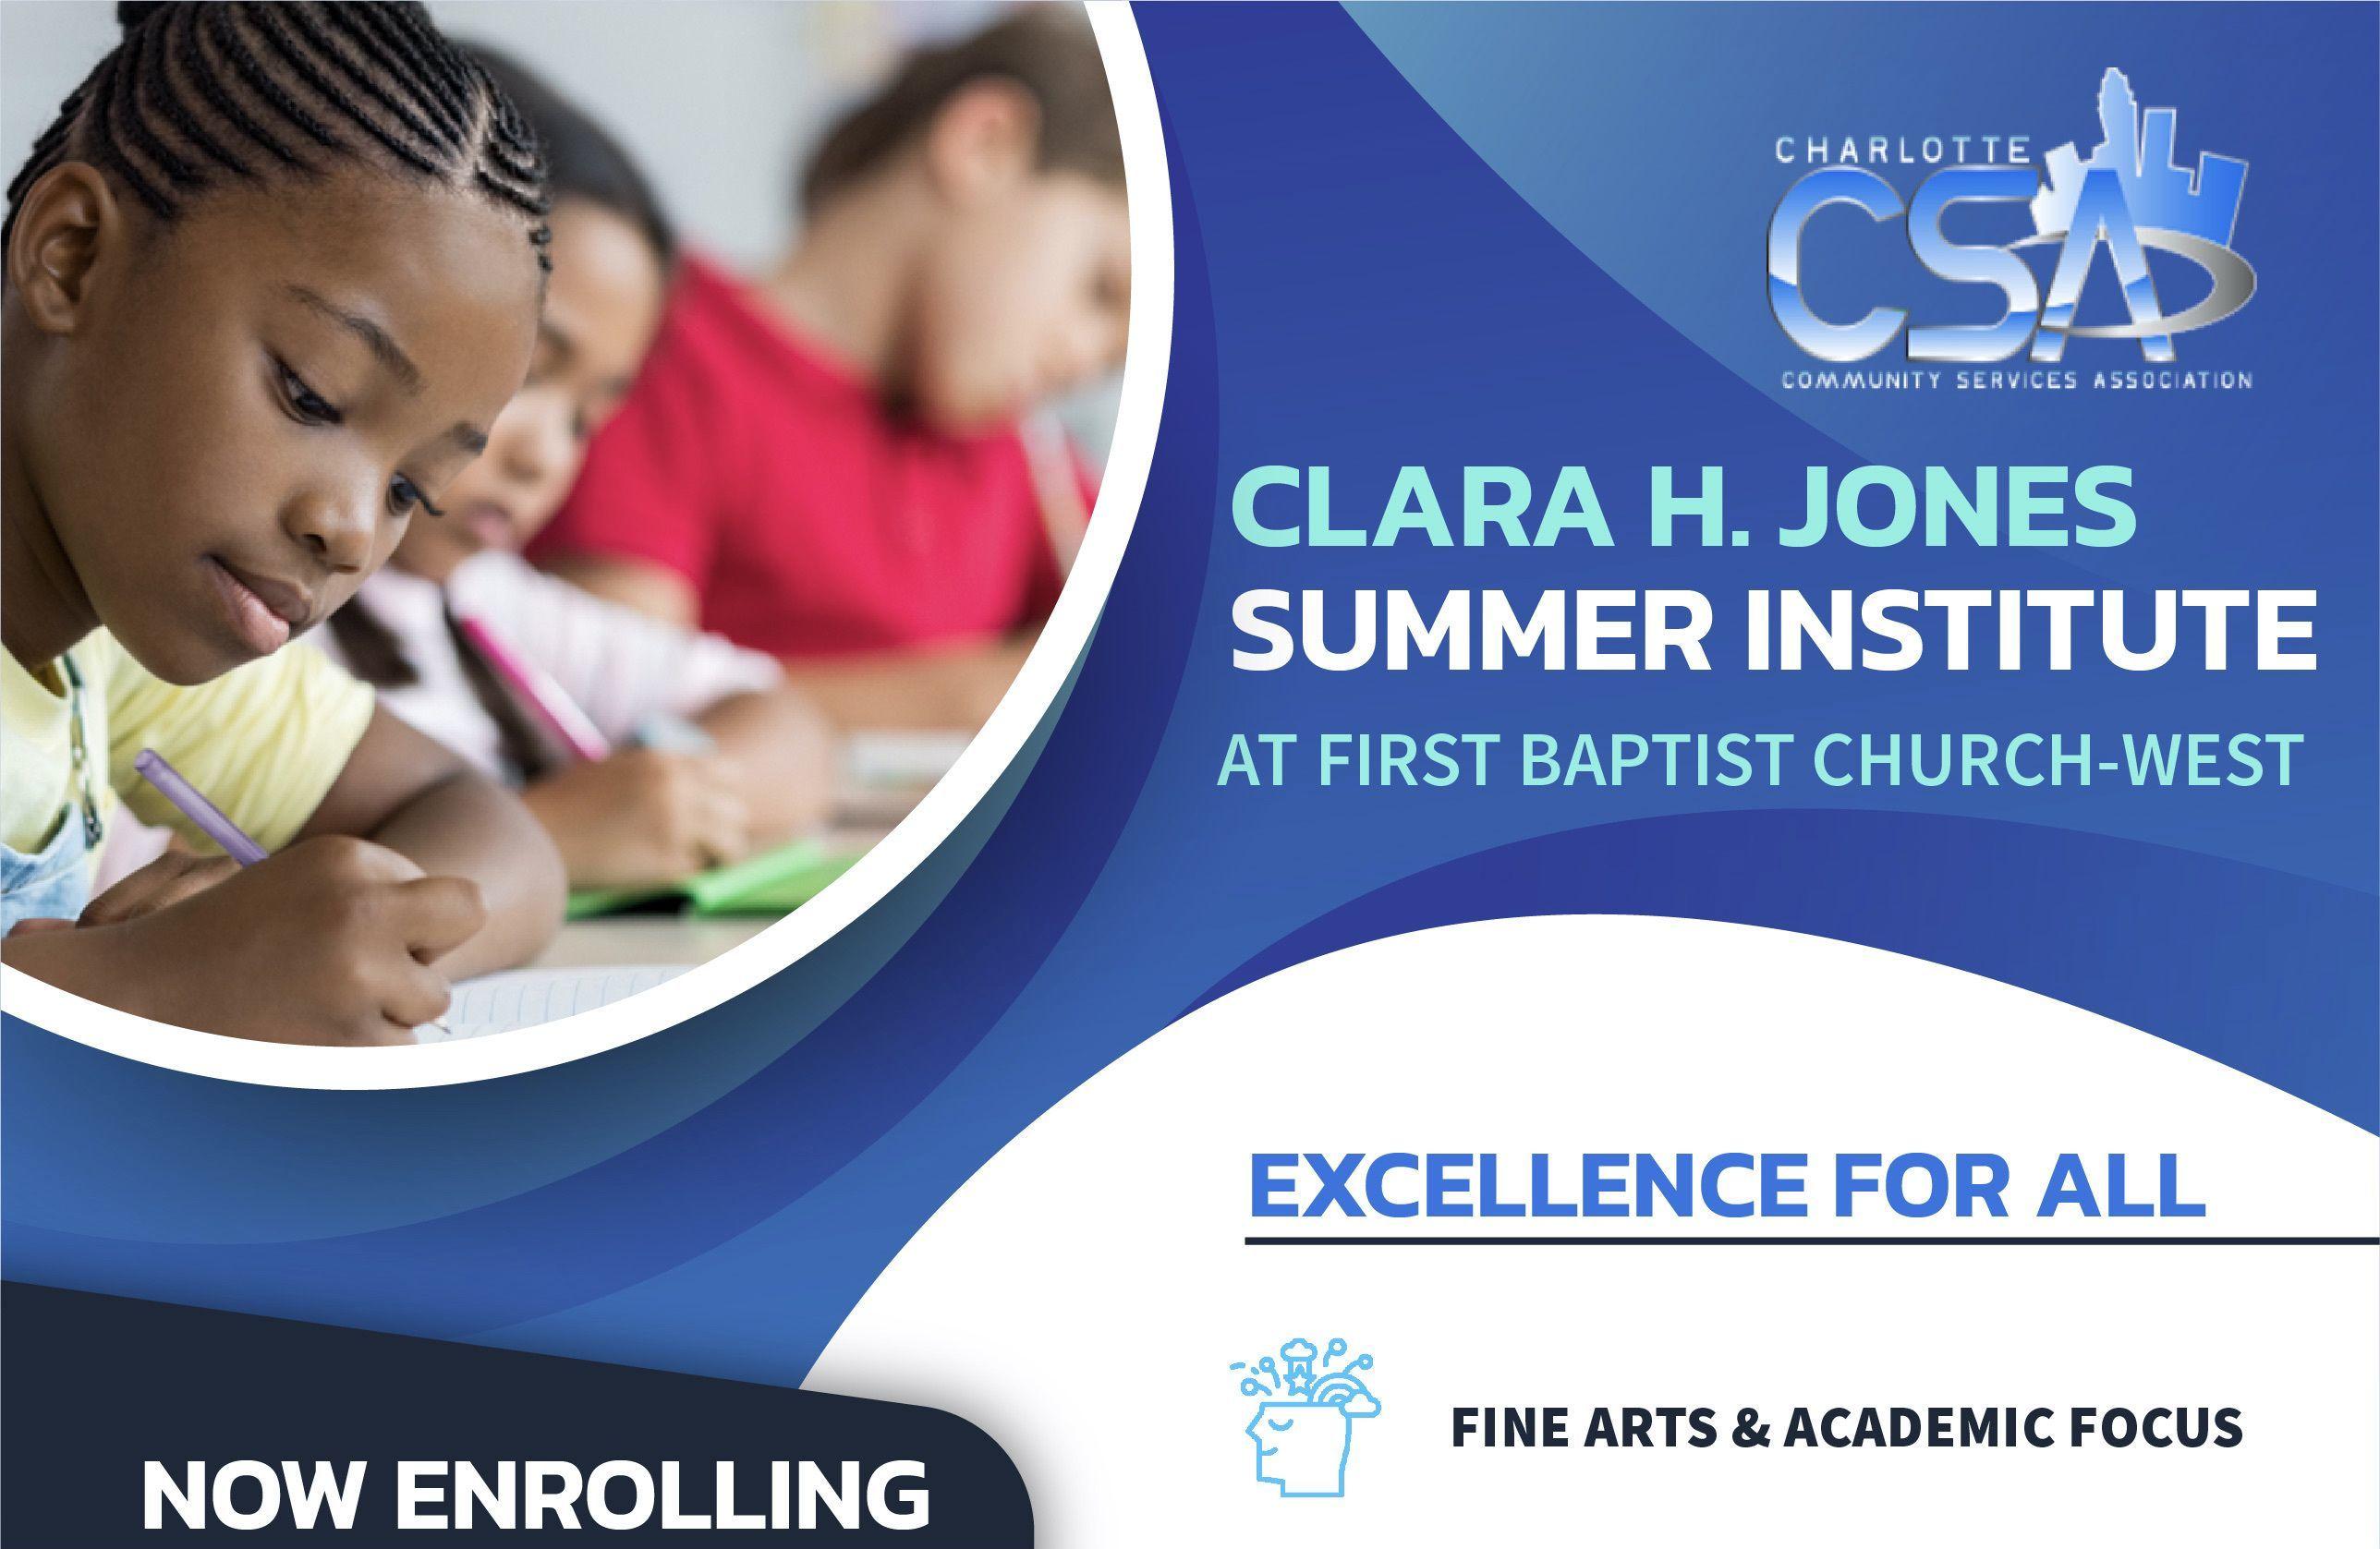 Clara H. Jones Summer Institute